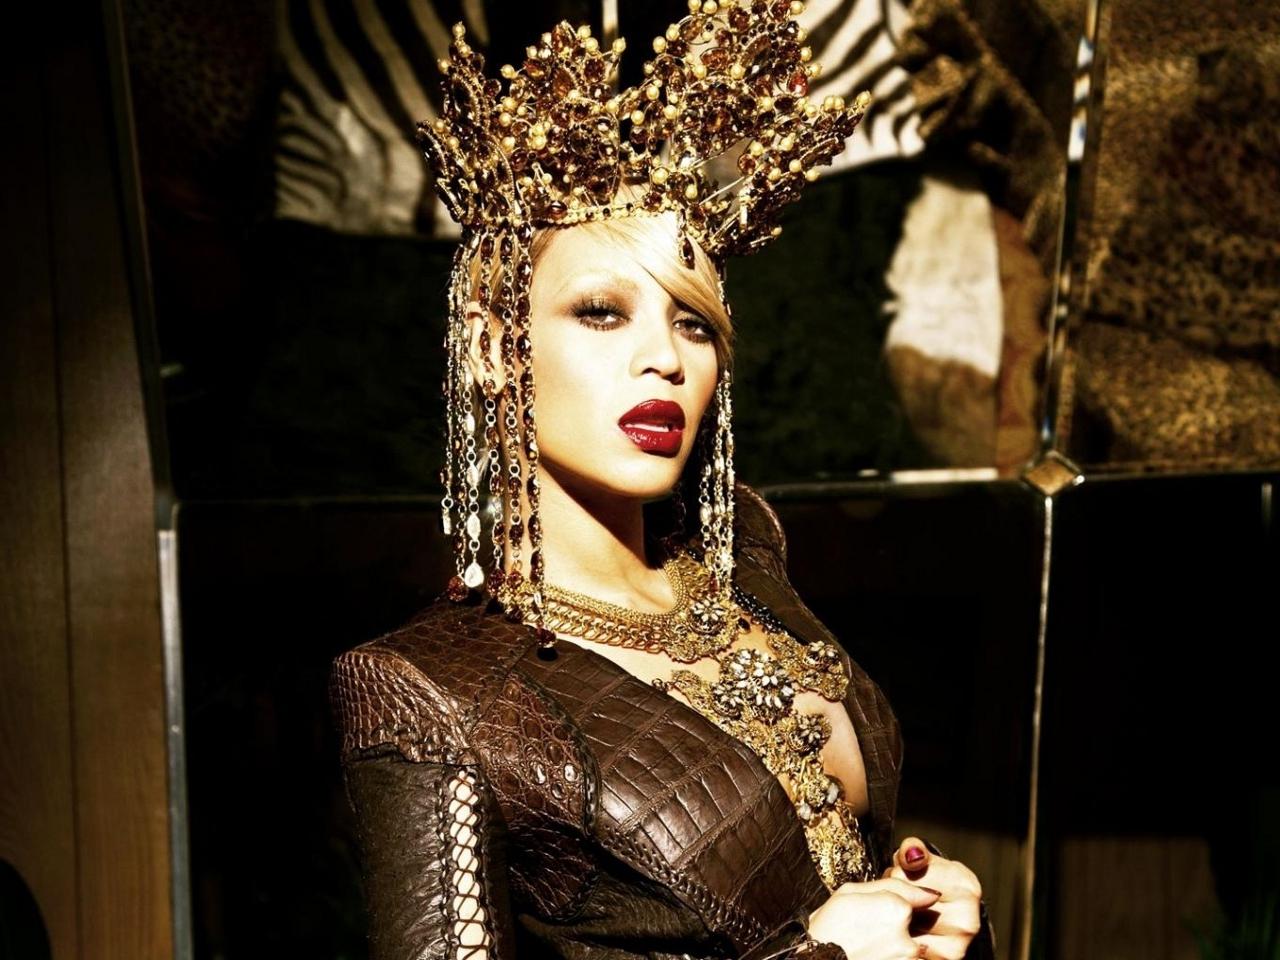 Beyonce Album 4 Outtake - Beyonce Wallpaper (32623490 ...